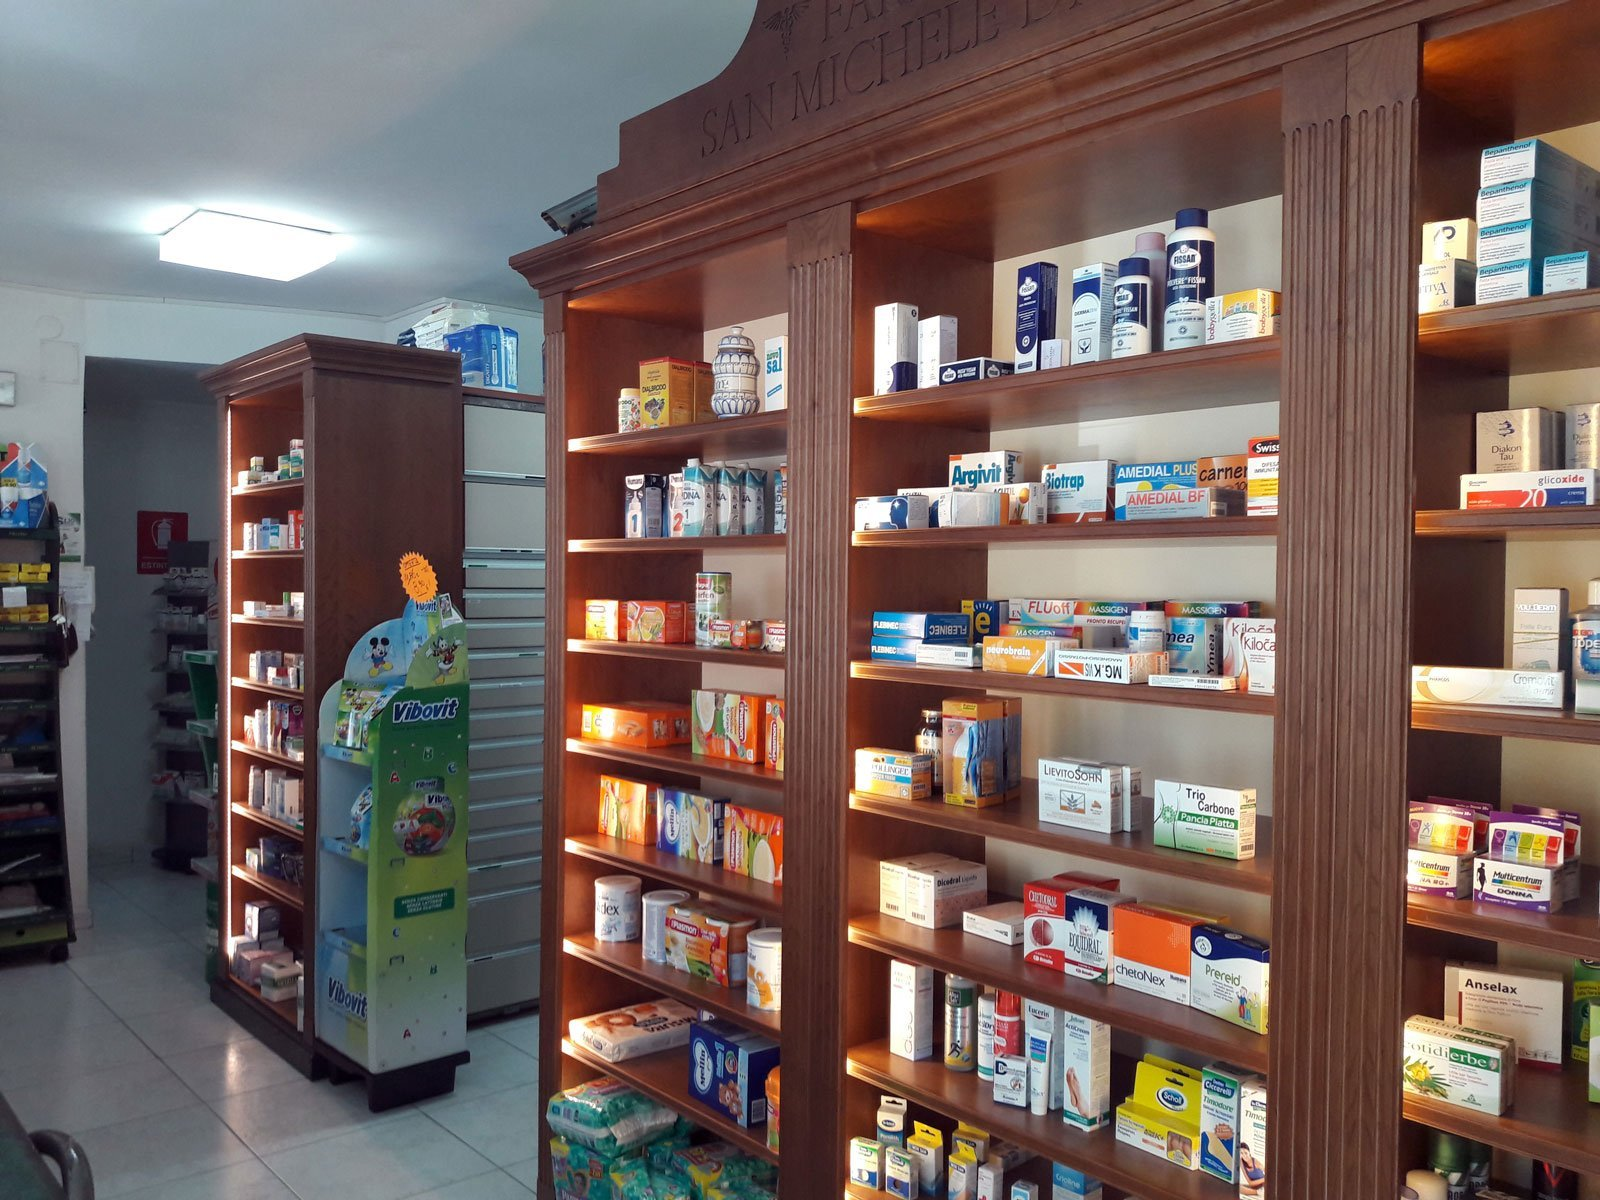 Arredamento Negozi In Legno : Arredo classico in legno ciliegio farmacia s michele volla areco